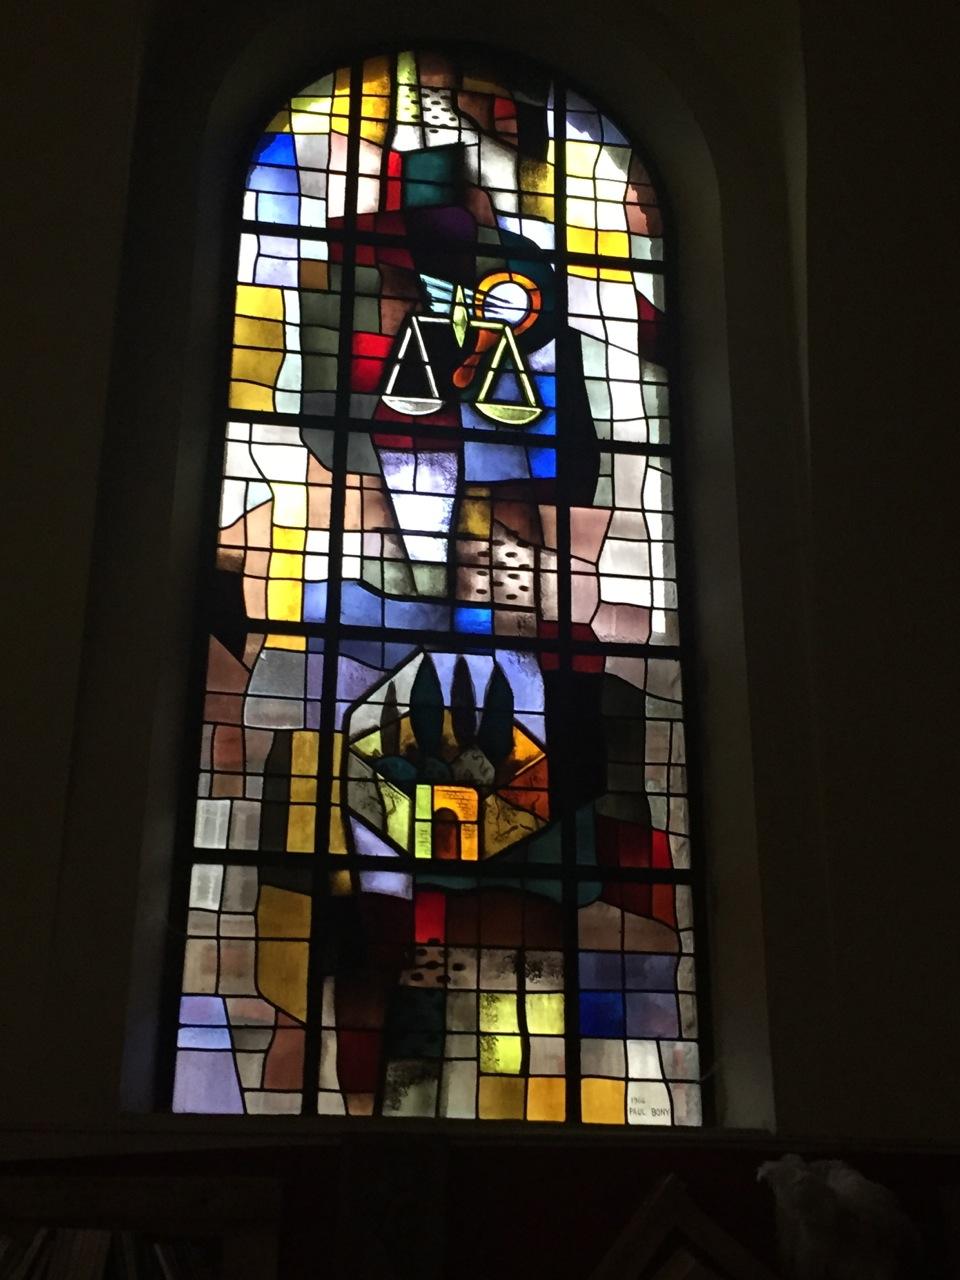 """Les deux vitraux suivants illustrent les noms donnés à la Vierge Marie dans les """"Litanies de la Vierge Marie"""" : Cité de Dieu, Demeure de la Sagesse, Tour de David, Arche de la Nouvelle Alliance, Temple du Saint Esprit…"""